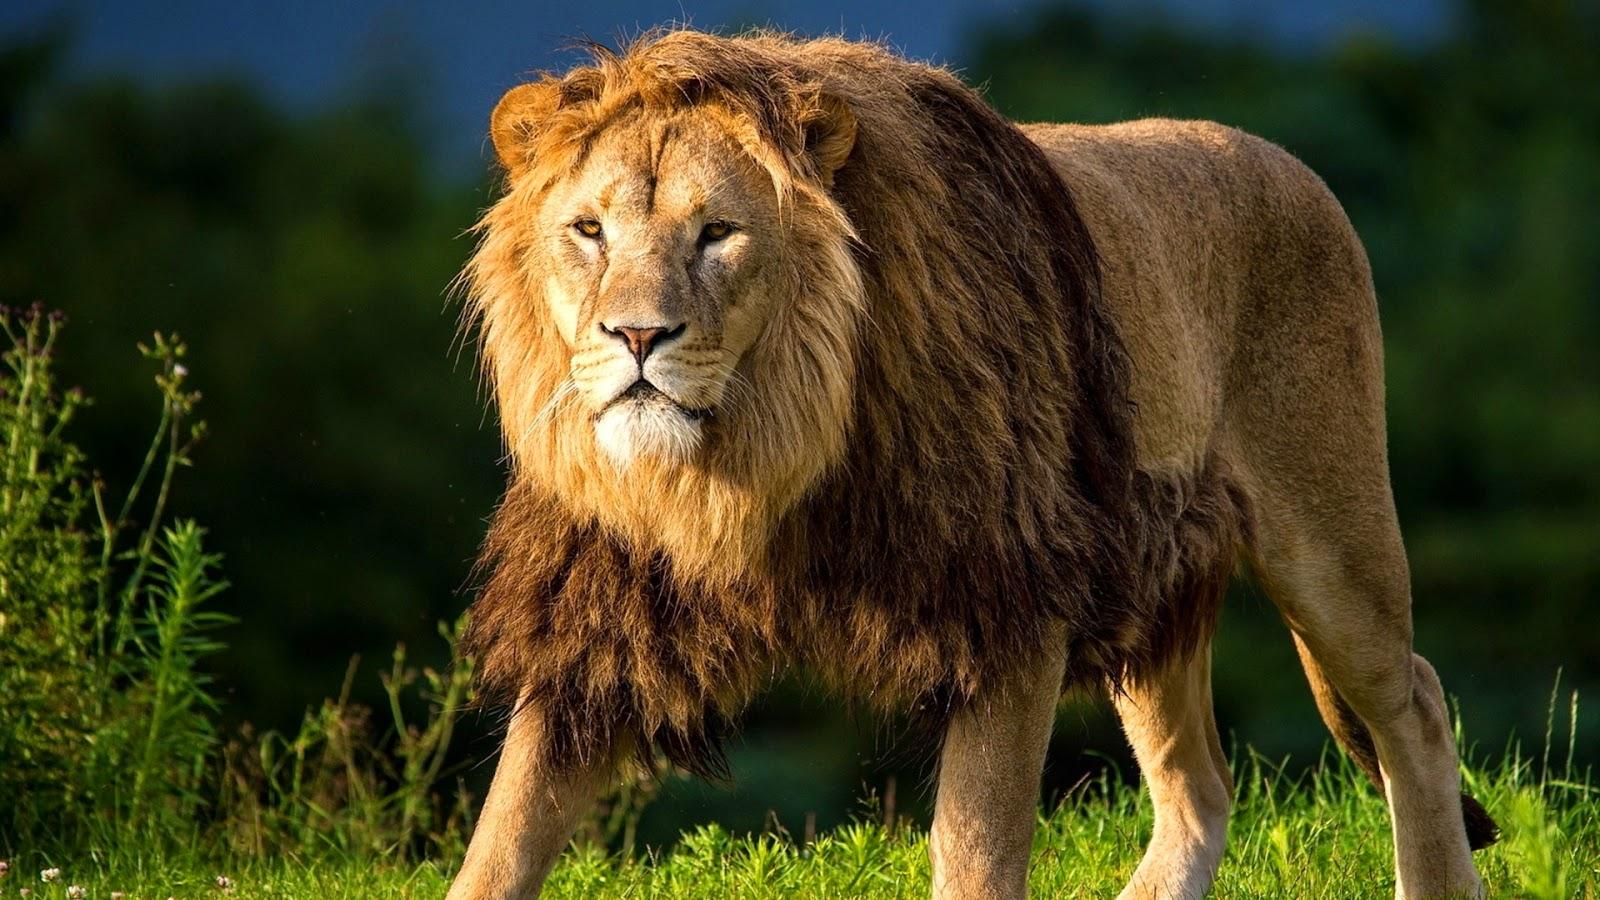 Male Lion | Full HD Desktop Wallpapers 1080p